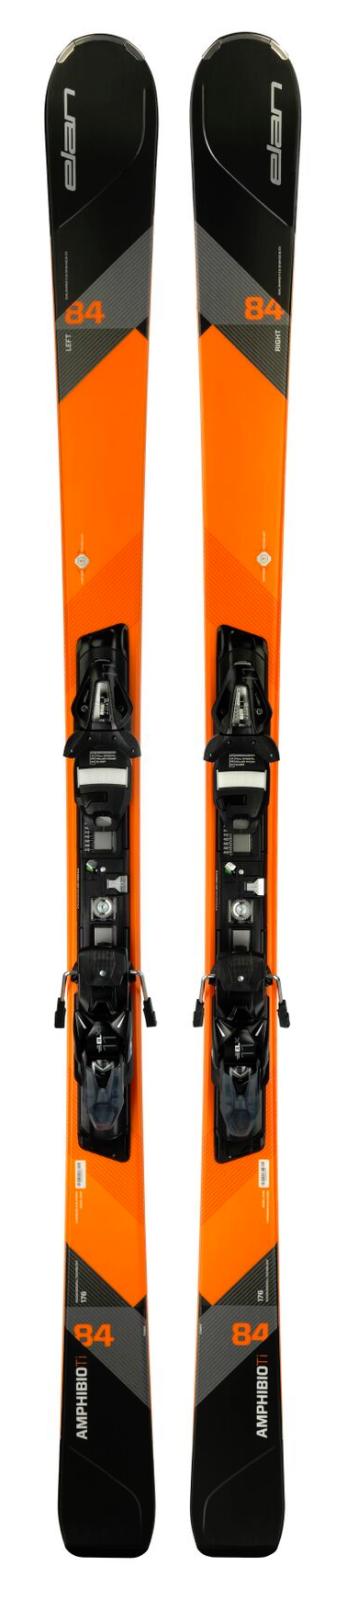 Elan Amphibio 84 Ti Fusion + ELX 11